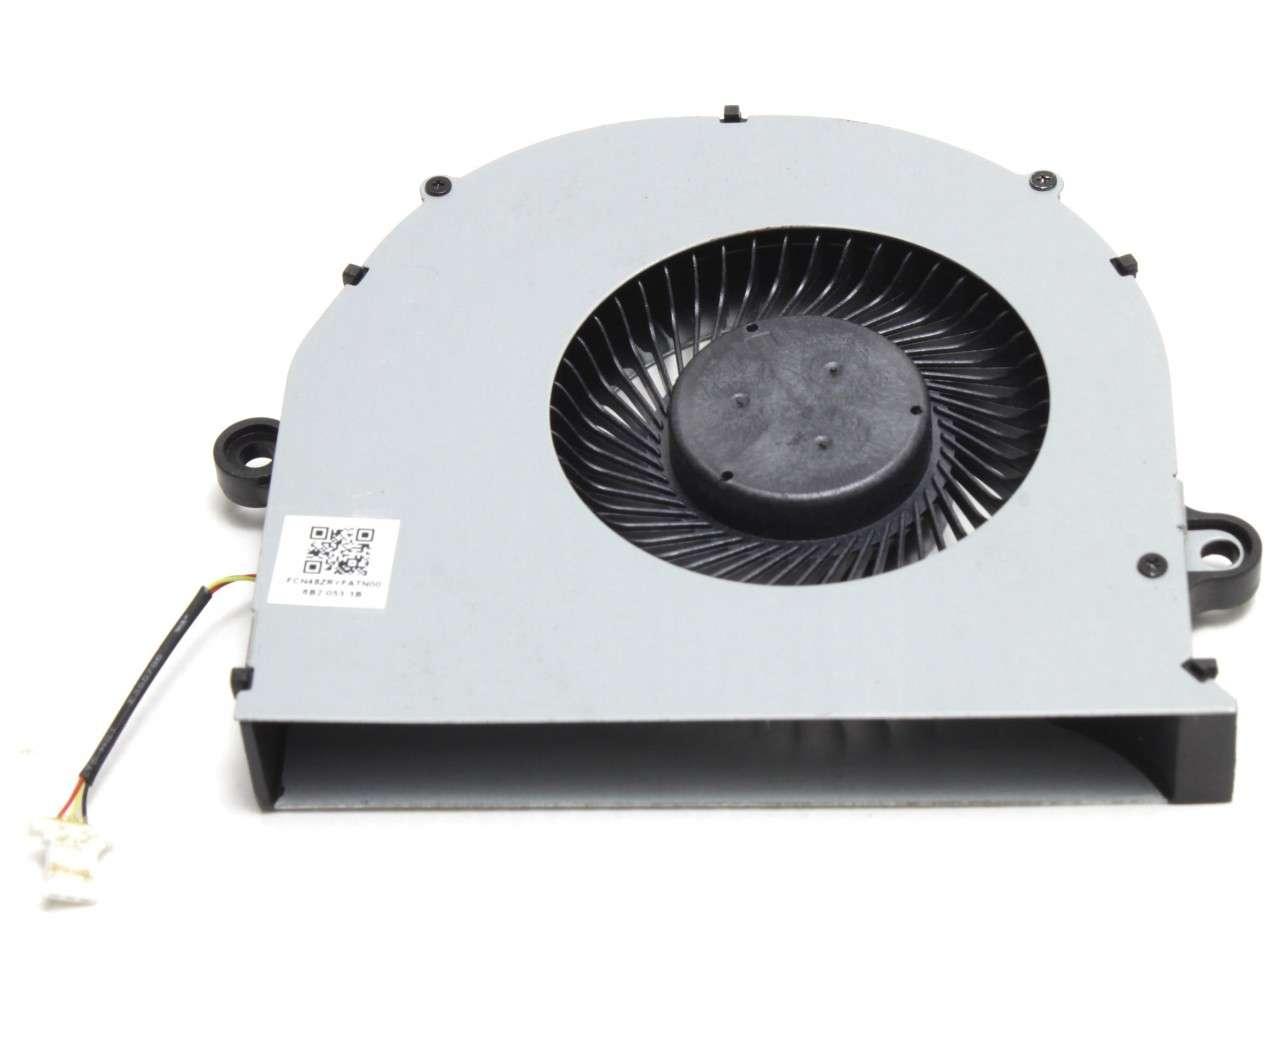 Cooler laptop Acer Aspire V3-575 12mm grosime imagine powerlaptop.ro 2021